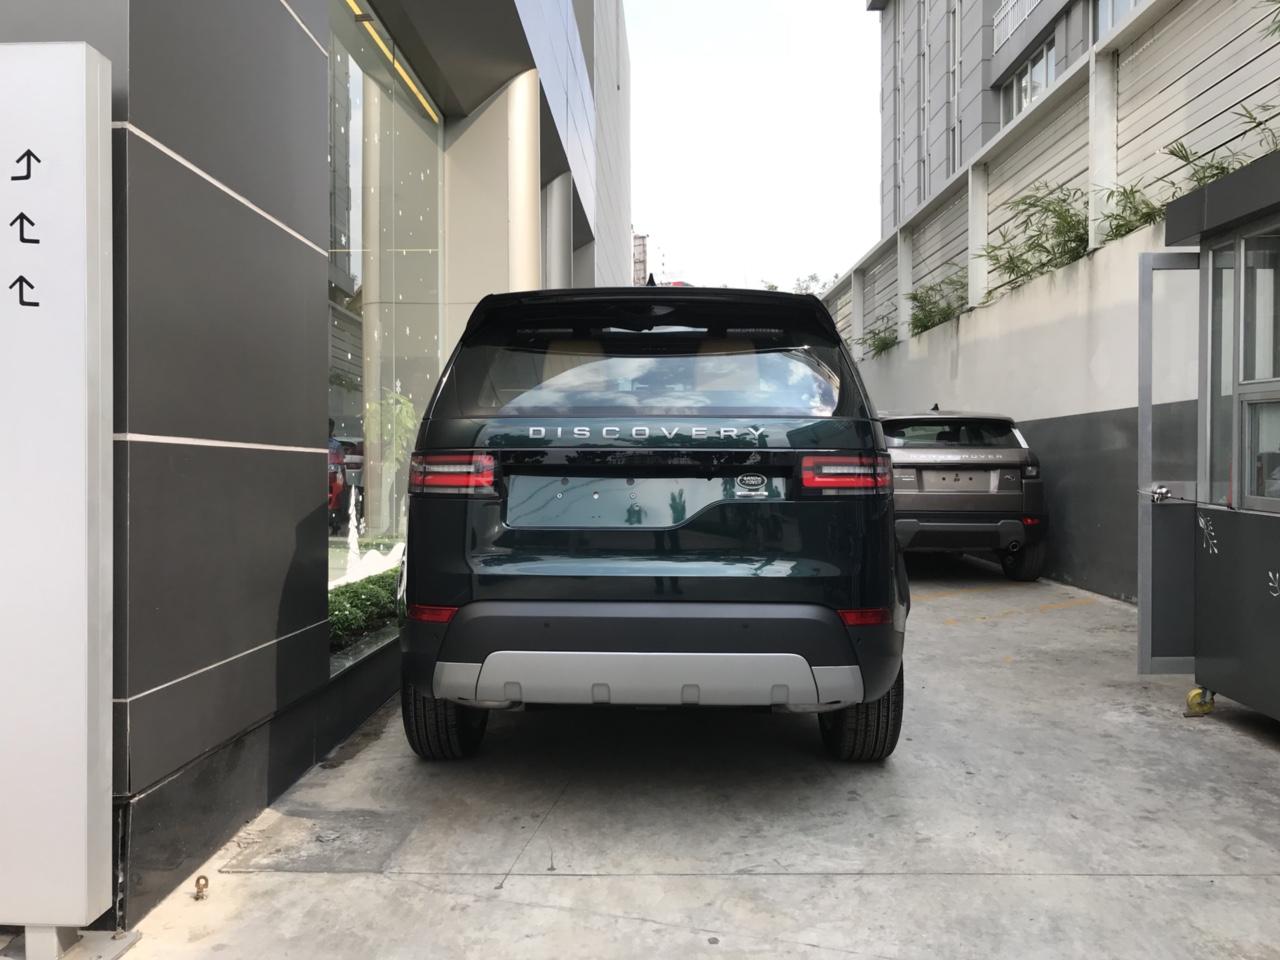 Xe Landrover cũ có tốt không, Mua Xe Range Rover 5 Và 7 Chỗ Cũ Đã Qua Sử Dụng Giá Rẻ Nhất Ở Đâu Tại Tp Hồ Chí Minh, Tìm Xe Cũ UY Tín, Mua Xe Cũ Chỗ Nào, Địa CHỉ Mua xe đời cũ